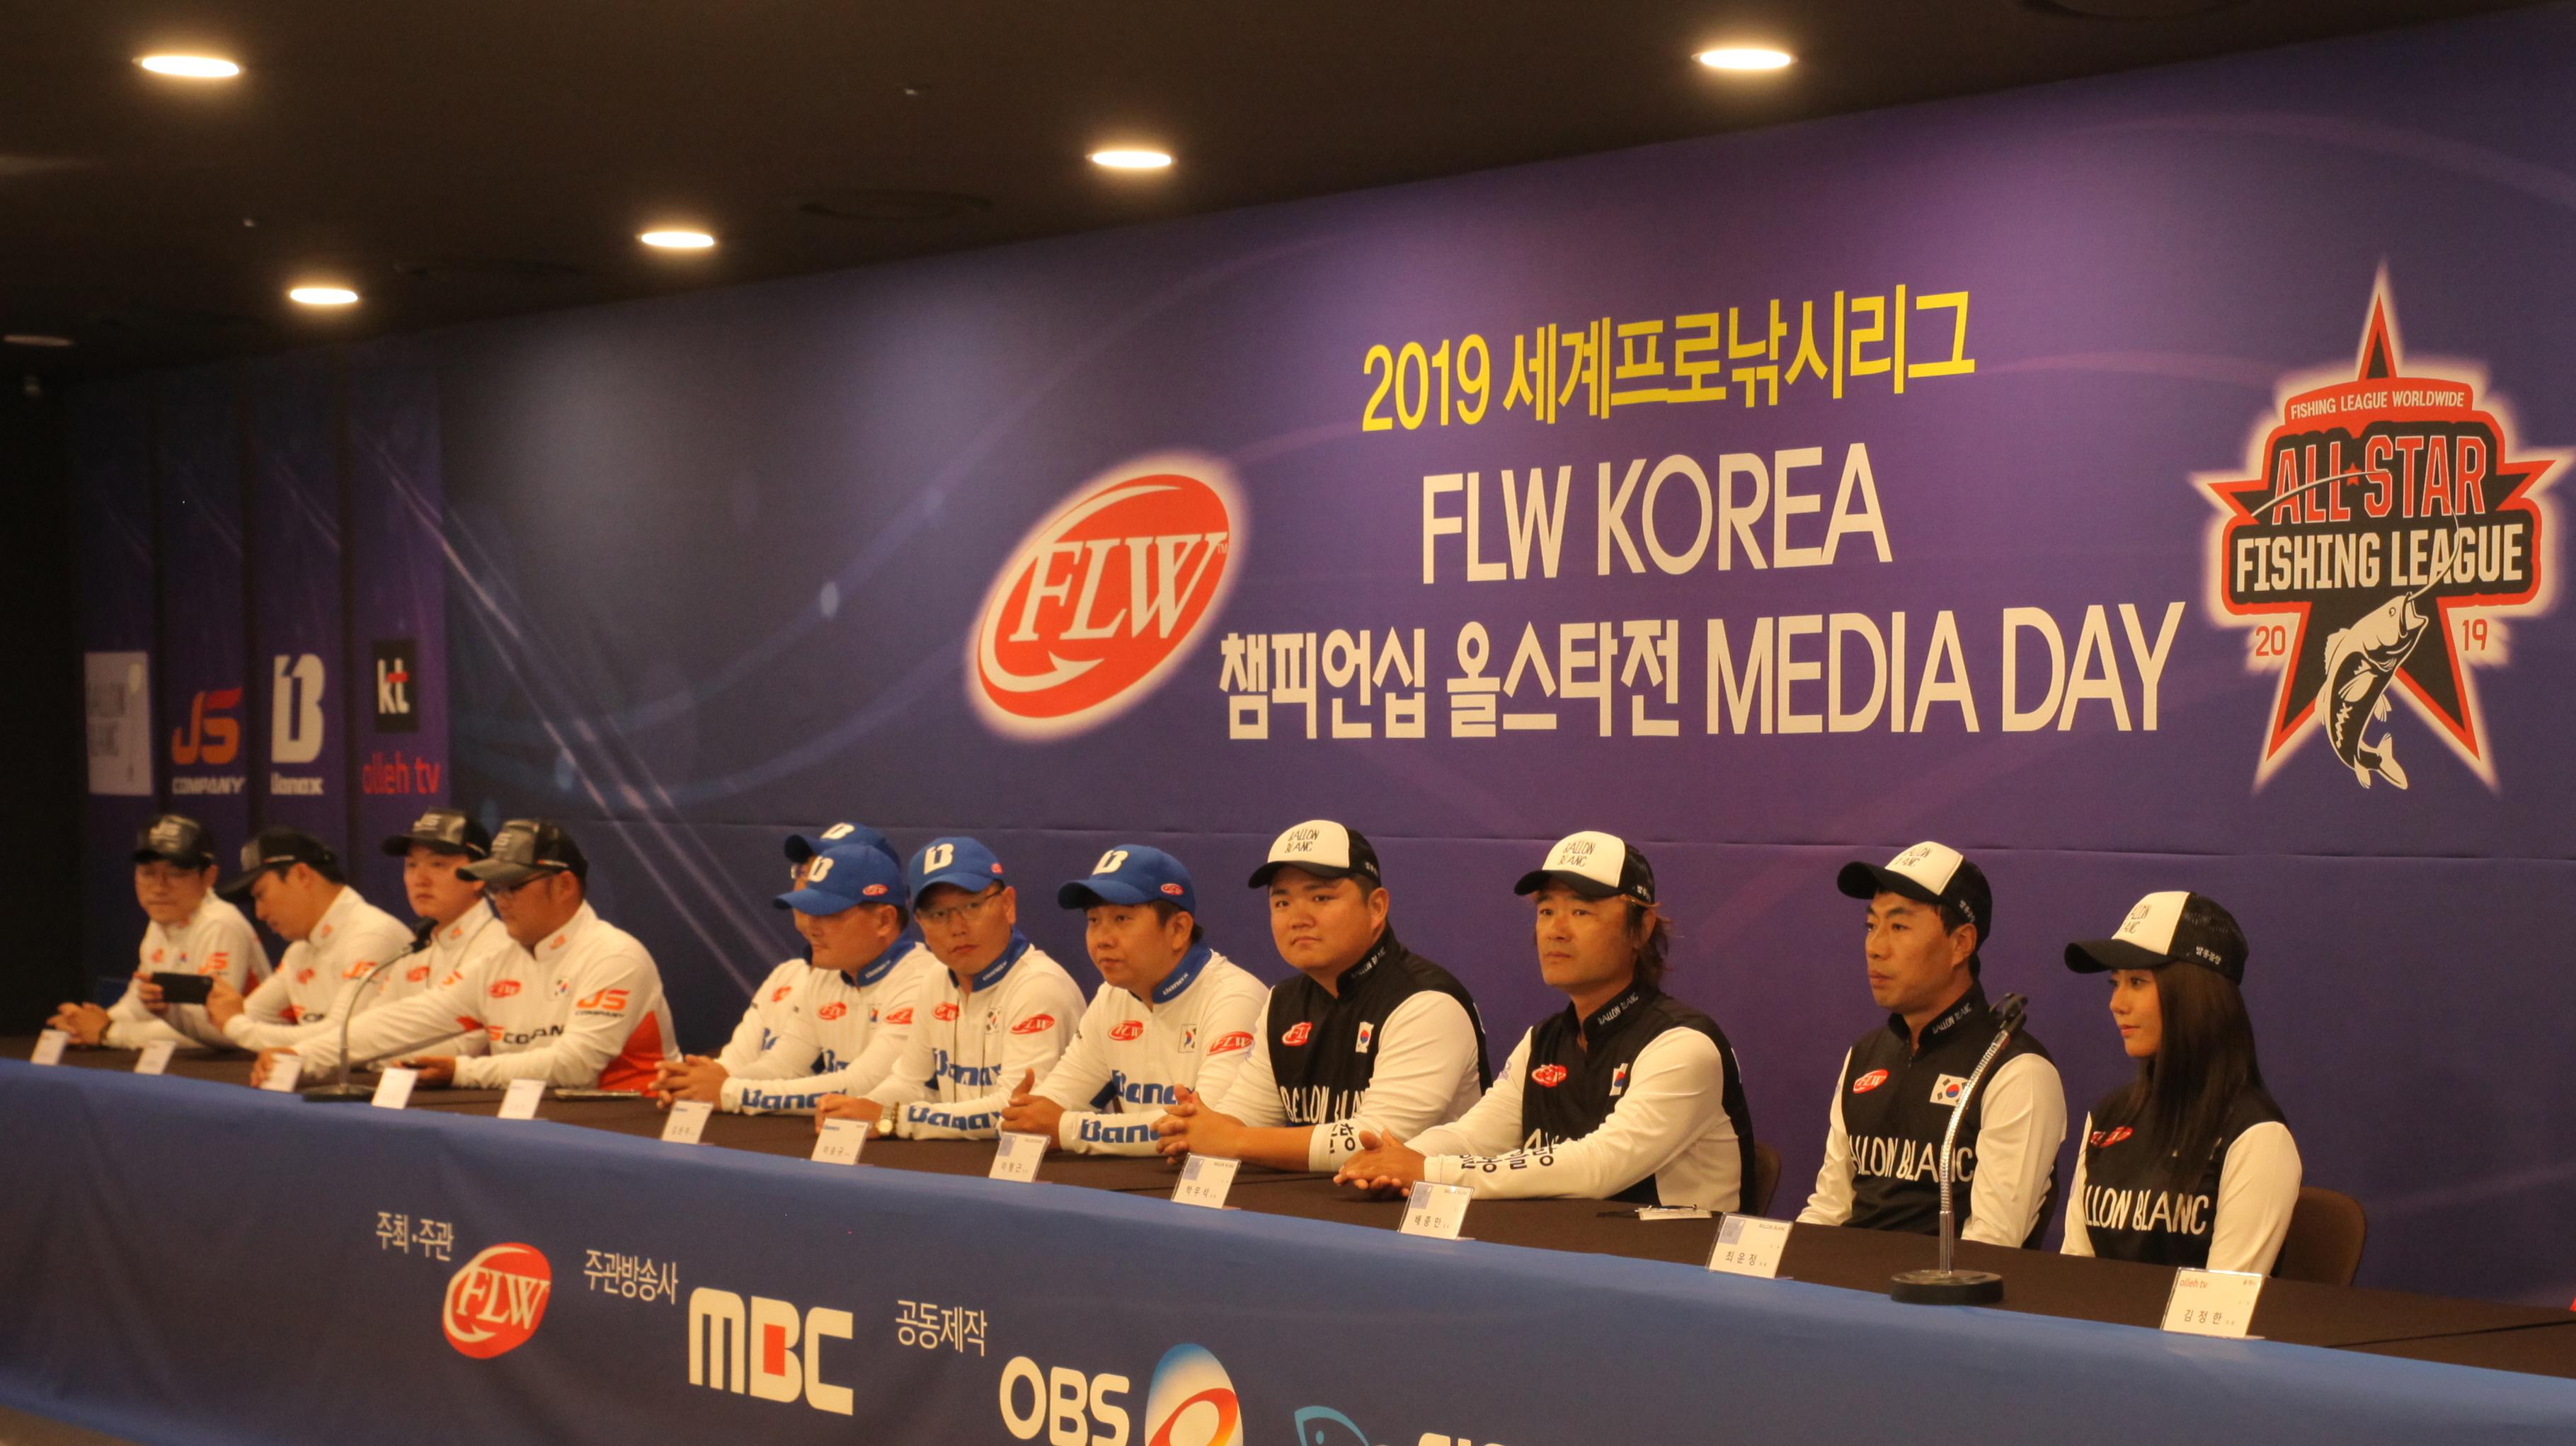 2019FLW 한국대표, JS컴퍼니 등 4개 기업구단 소속 16명 프로 중 최종 2명 선발